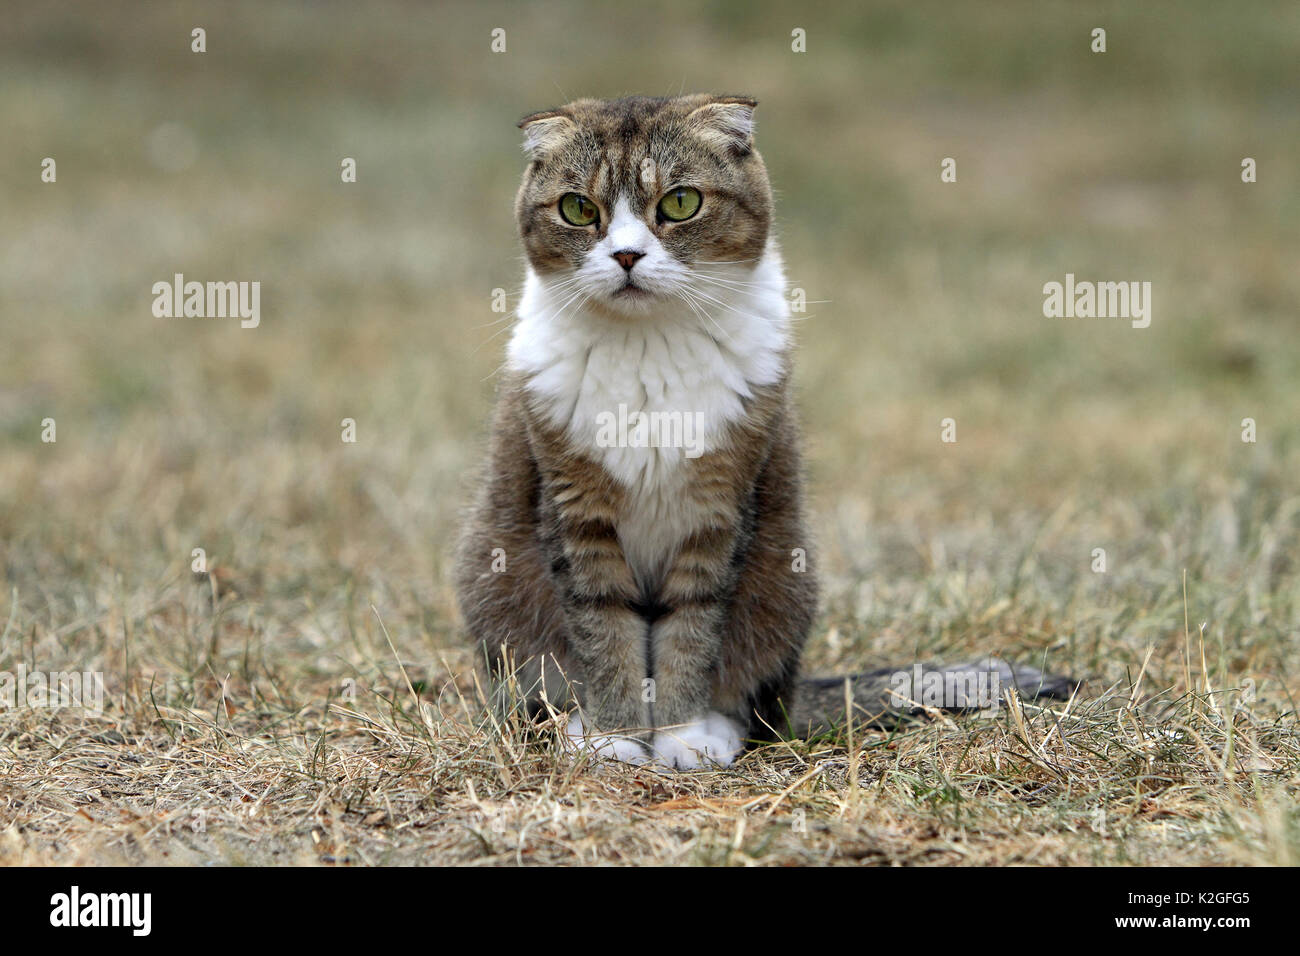 Scottish fold cat, Alsace, France, July. - Stock Image